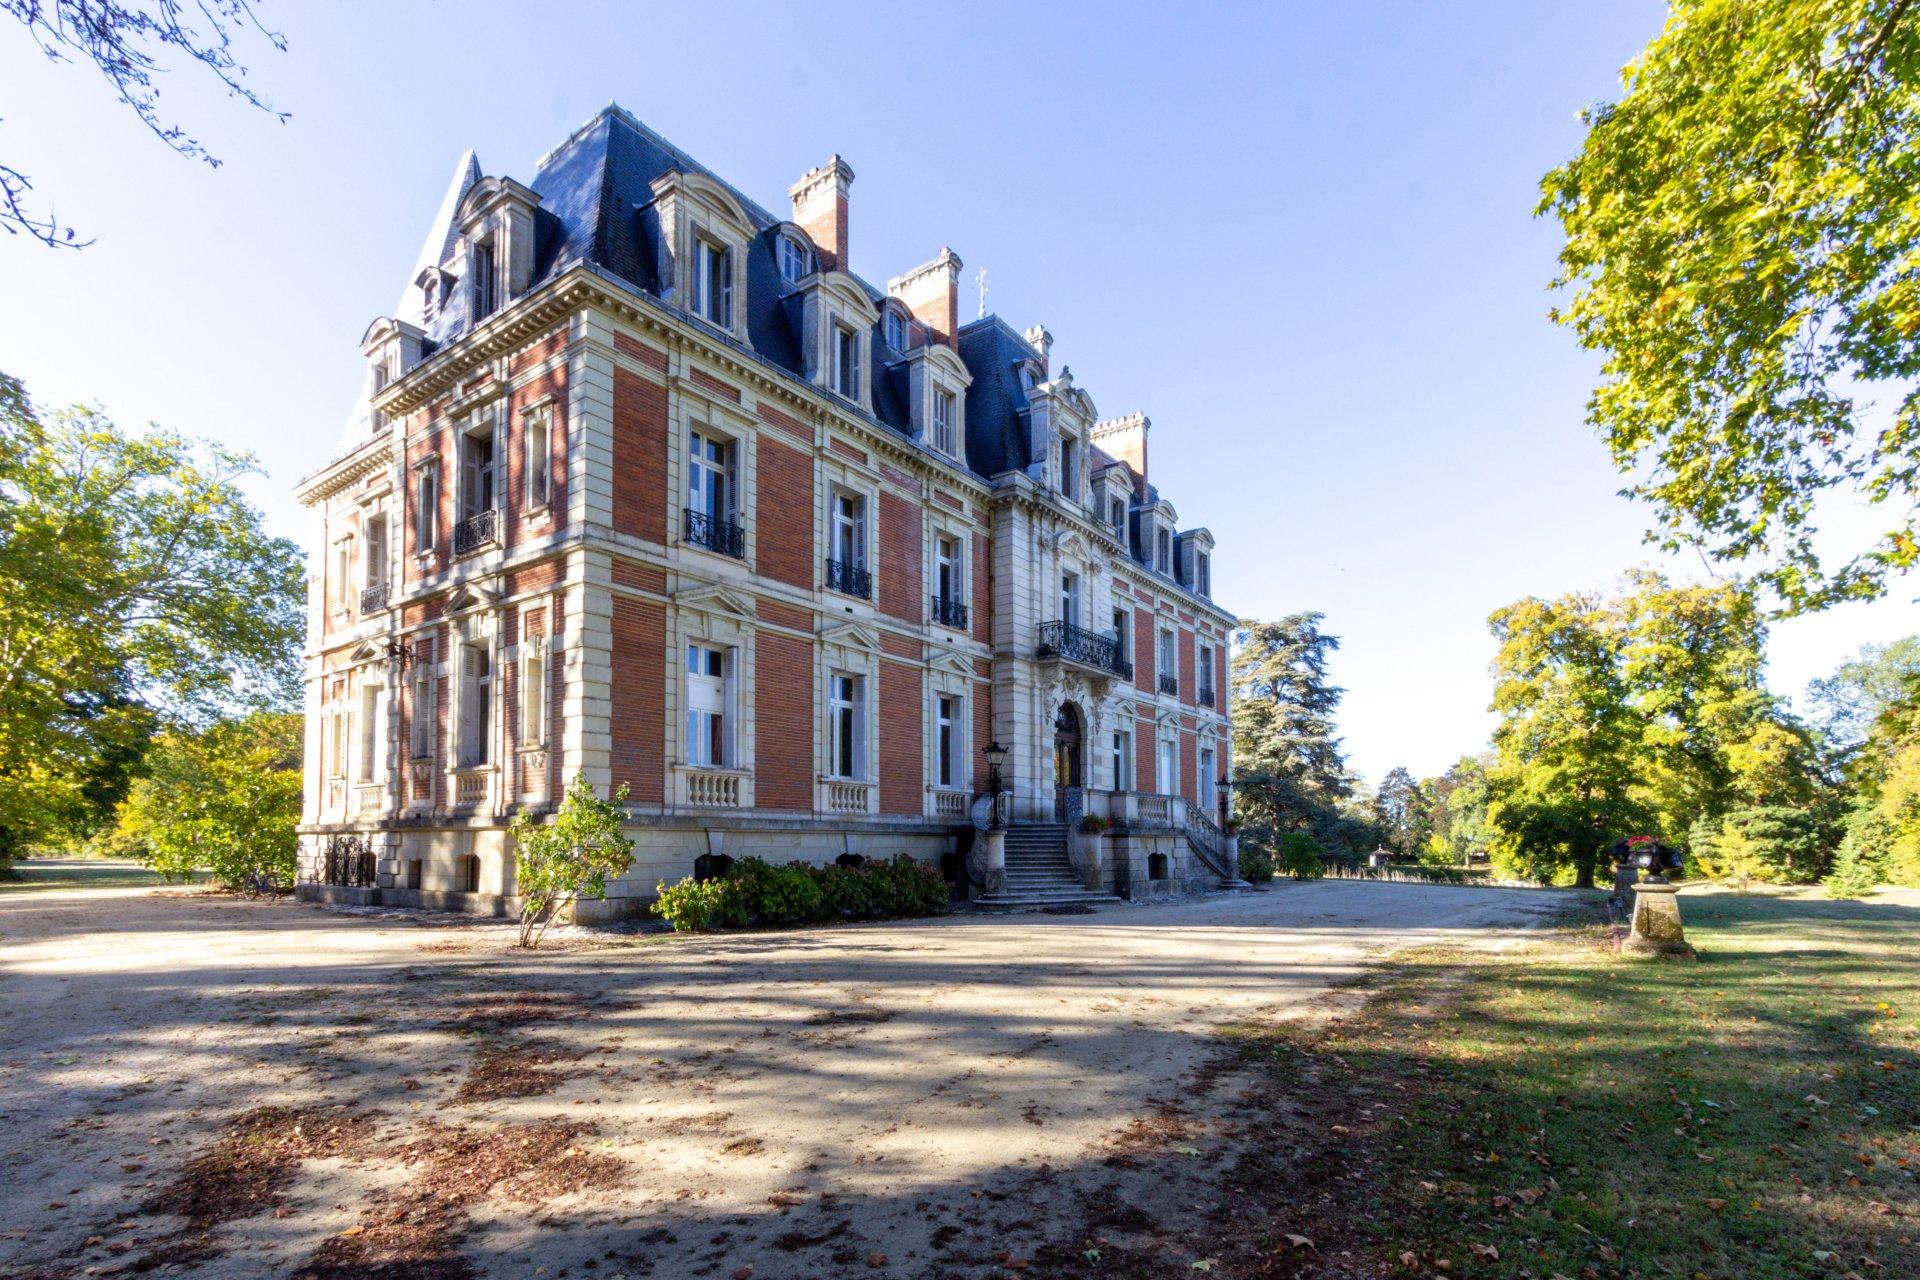 Briche Castle